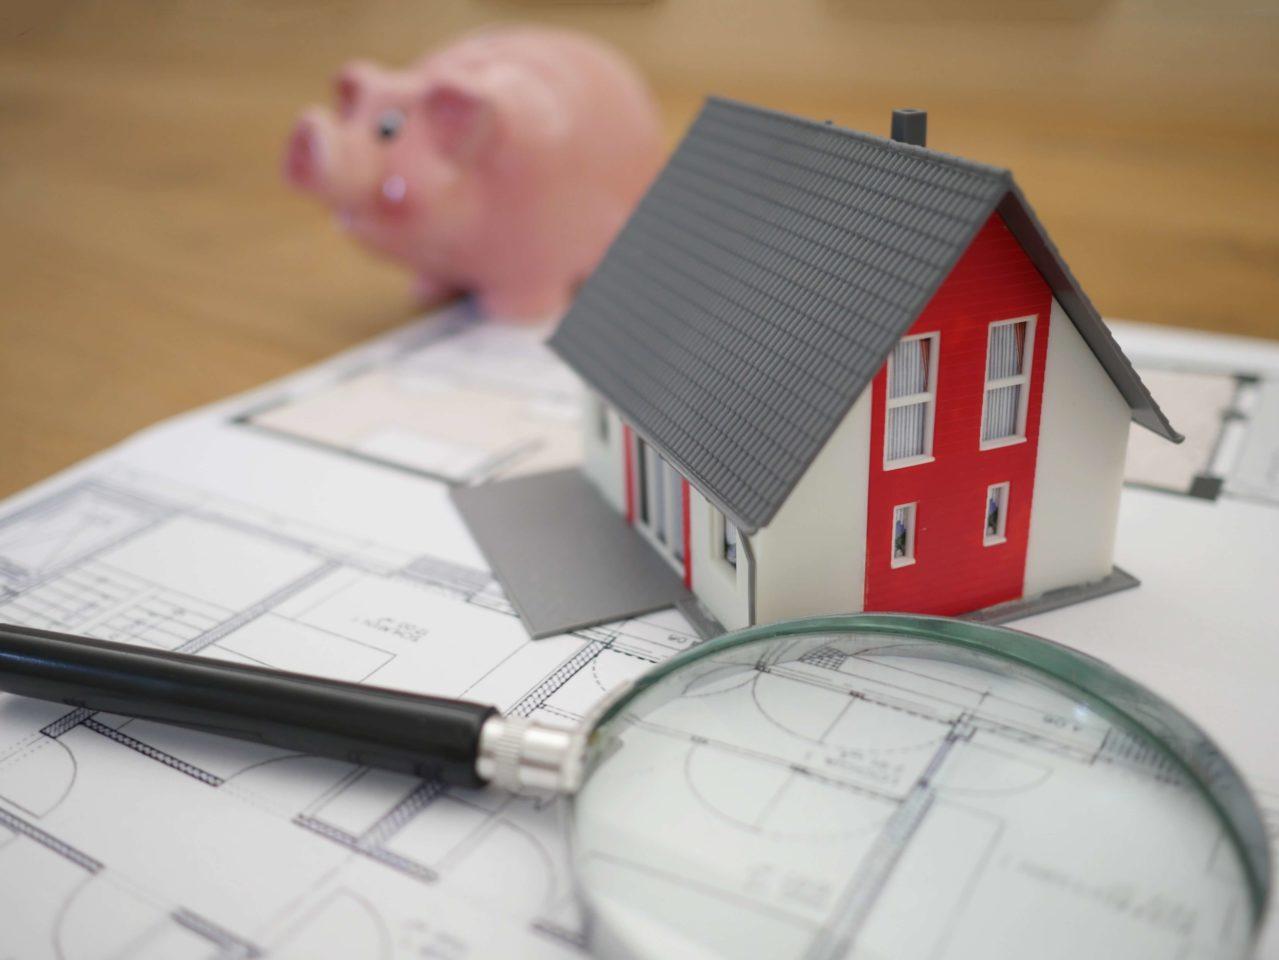 家を買うお金がない!貯金や頭金なし全てローンで上手くいく方法は?